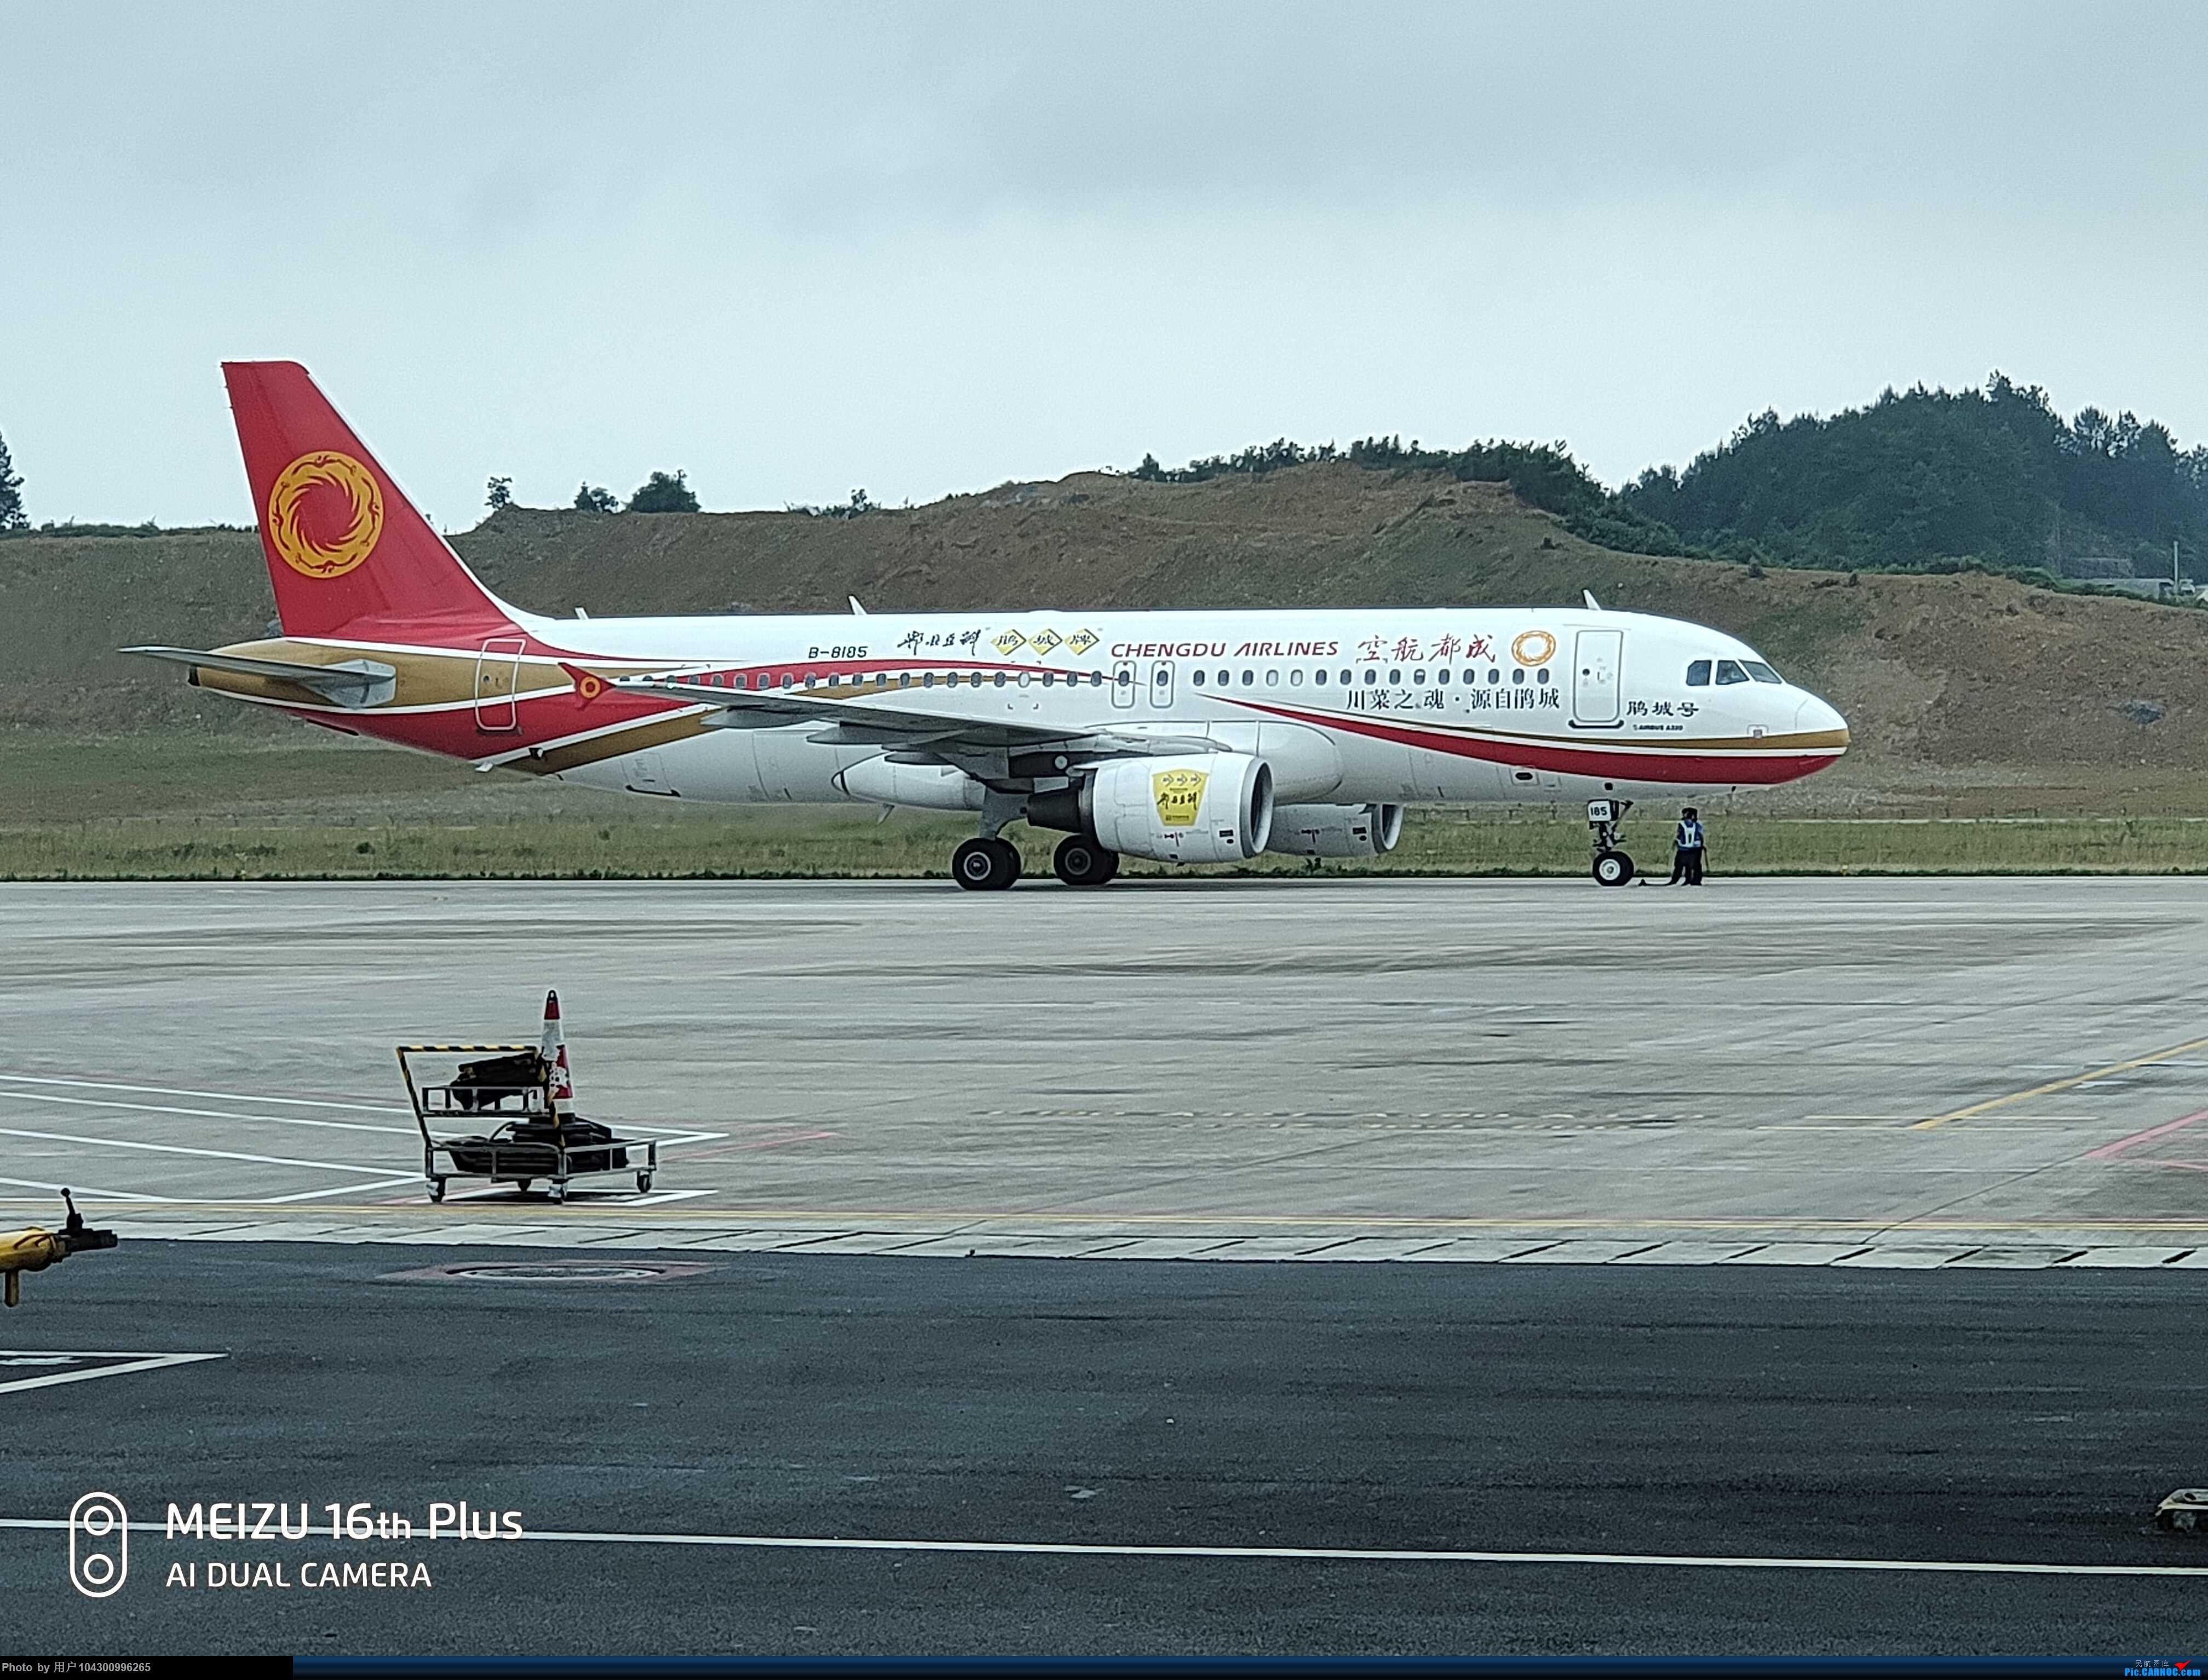 Re:[原创][DM哥飞行游记]-多彩贵州航空贵阳-茅台当日往返 AIRBUS A320-200 B-8185 中国遵义茅台机场